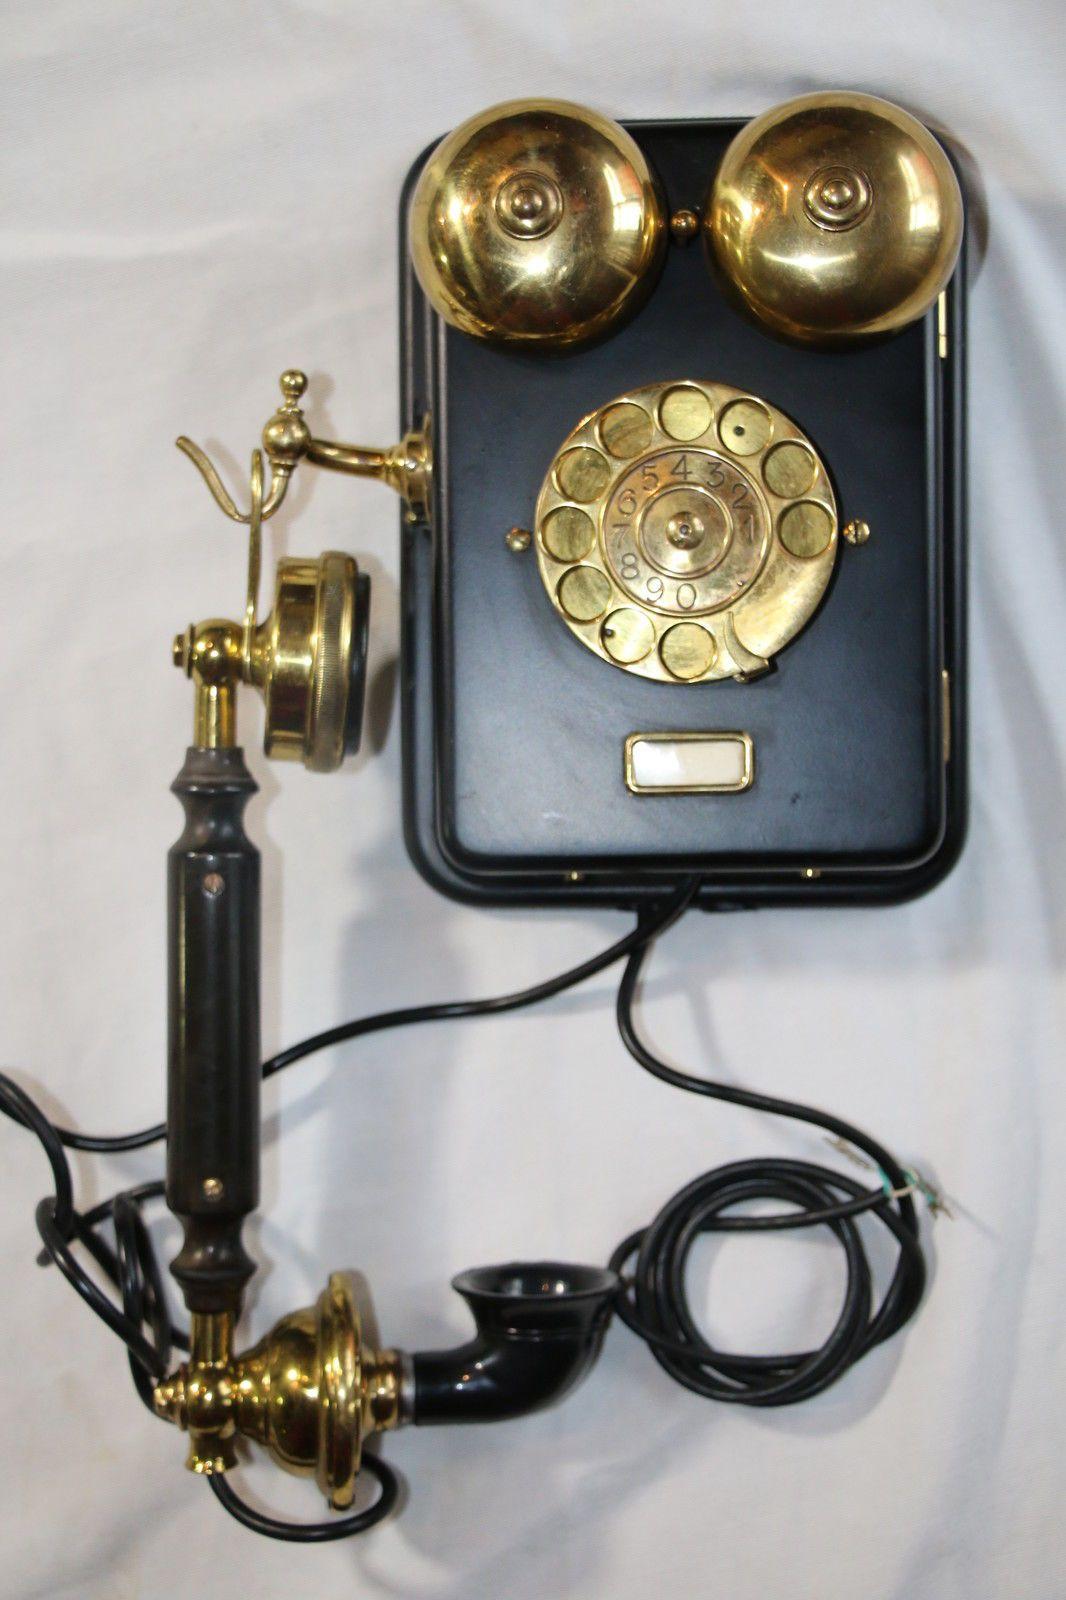 Antique Desk Telephone Ericsson Mod de 100 1928 | eBay - Antique Desk Telephone Ericsson Mod De 100 1928 EBay Phones